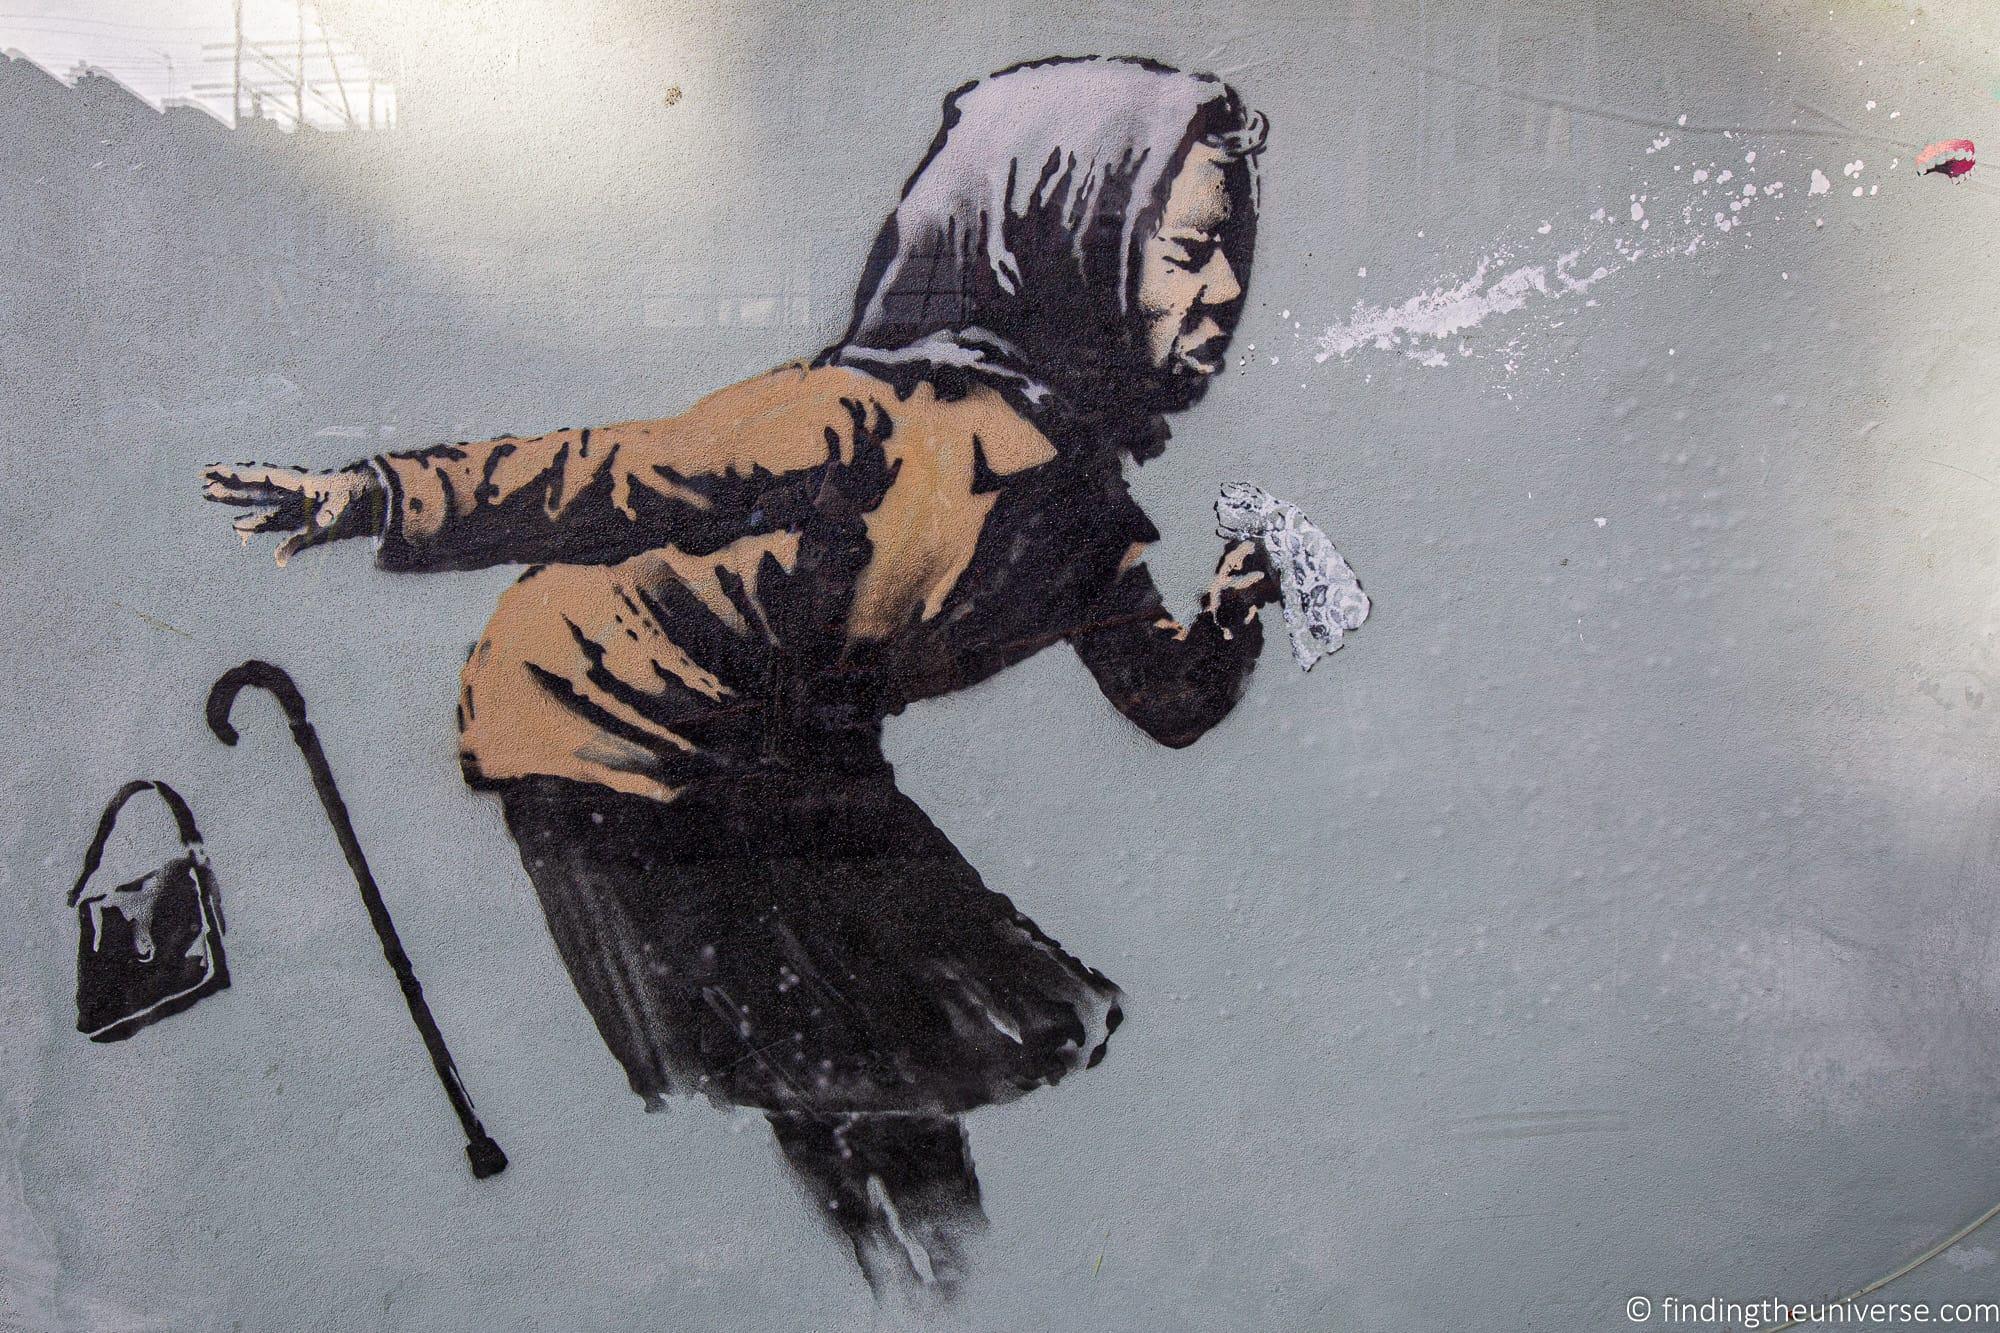 aachoo sneezing lady Banksy in Bristol